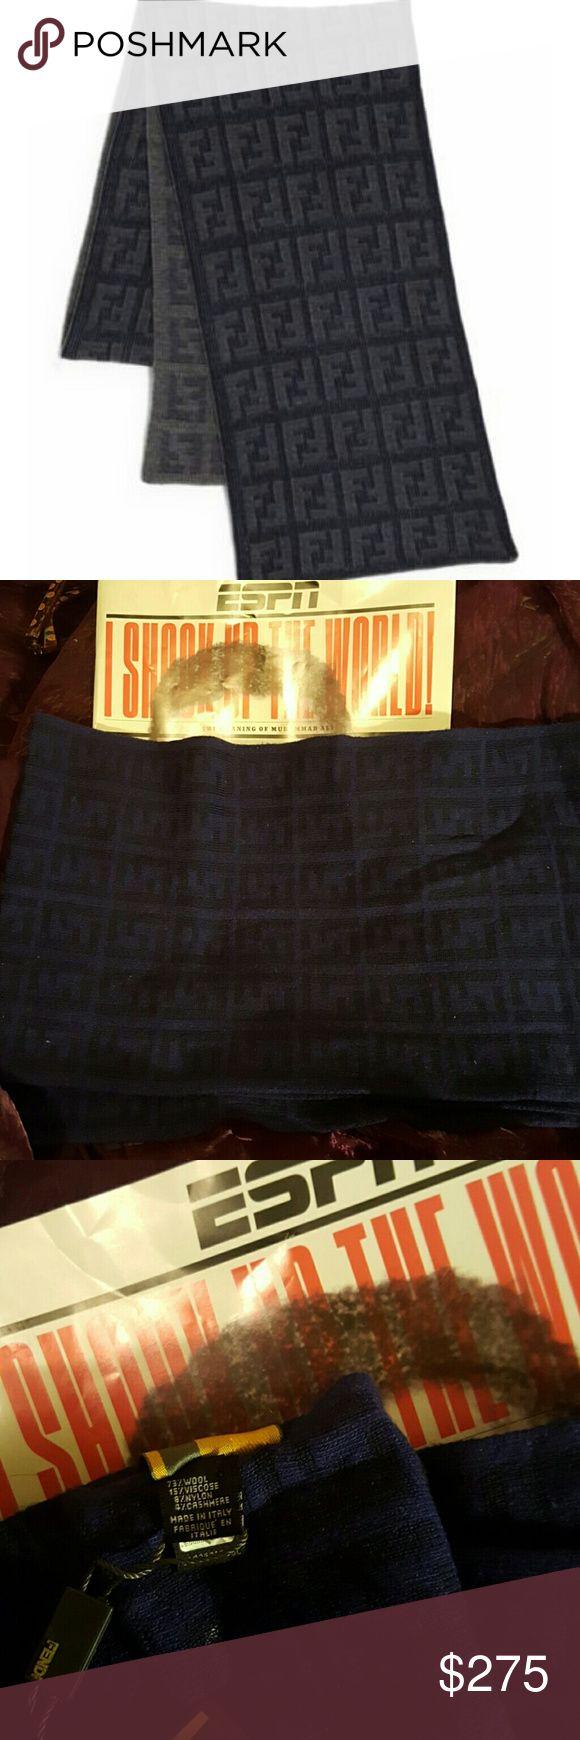 Fendi authentic scarf in purple & black.All Royal Fendi scarf is 73% wool, 15% viscose, 8% nylon. 4% cashmere. Sciarpa, Maglia. Zucca, All Royal. NWT. FENDI Accessories Scarves & Wraps